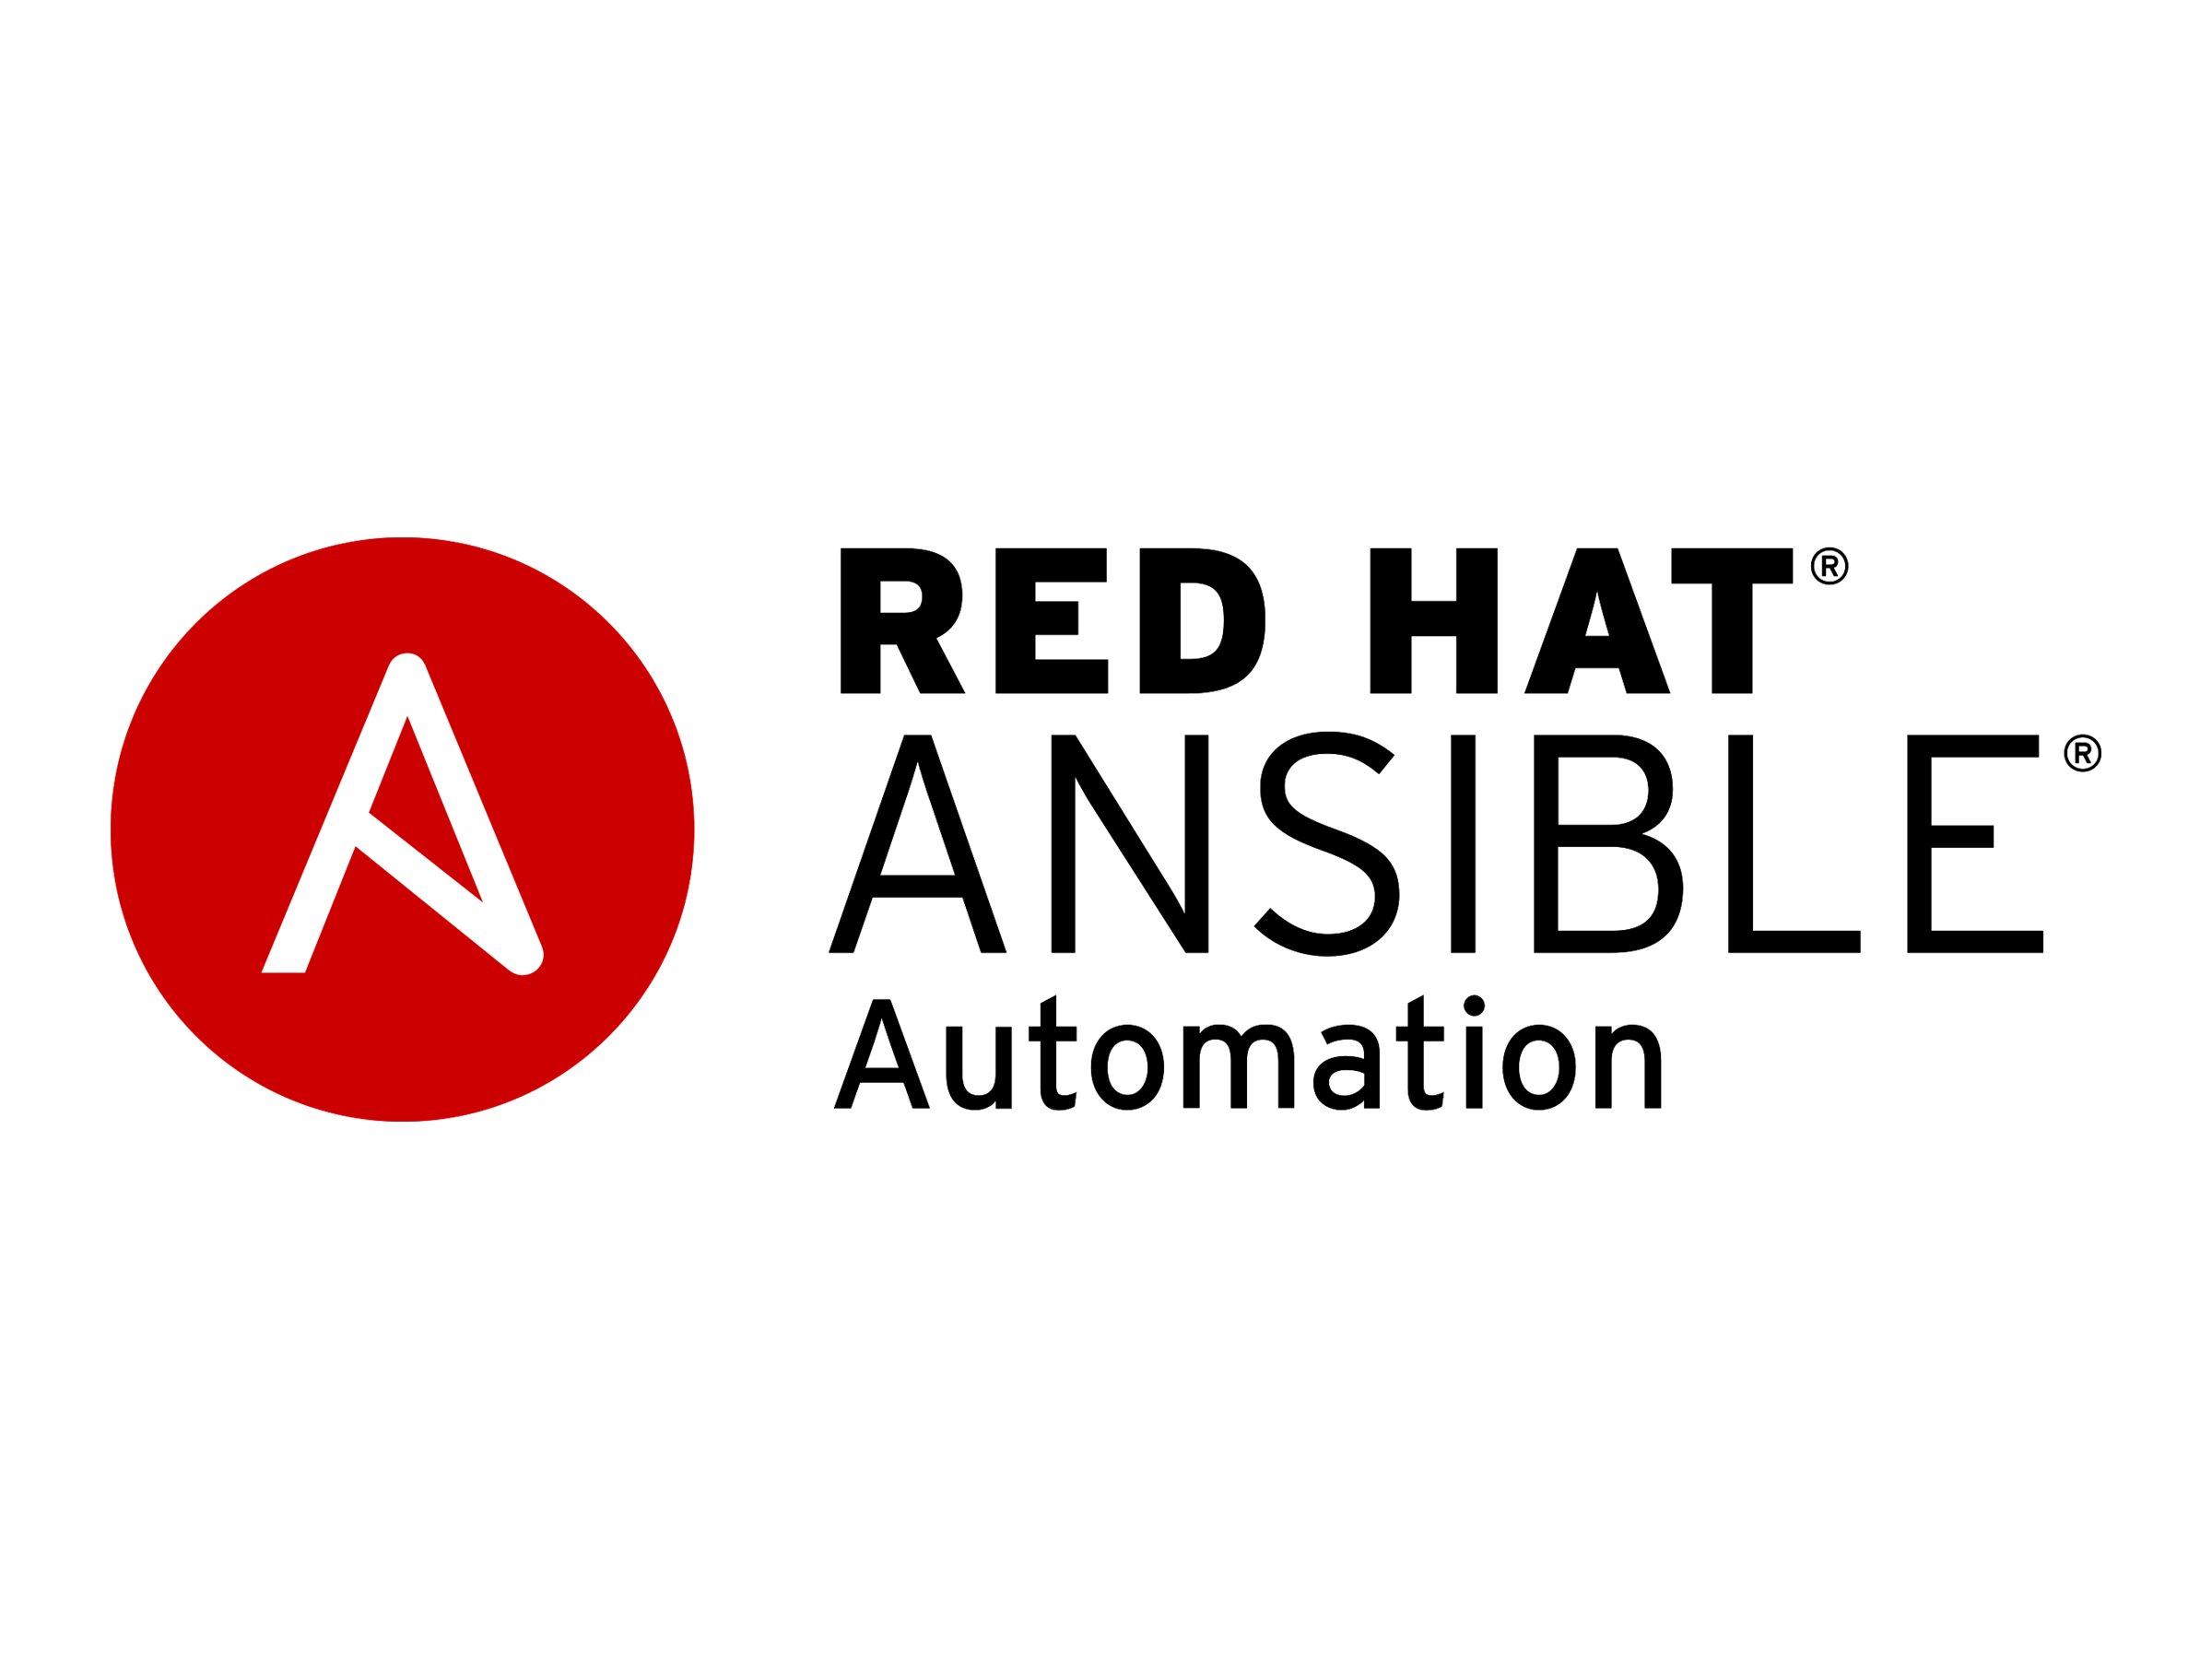 Red Hat Ansible Automation Networking Add-on - Premium-Abonnement (3 Jahre) - 100 verwaltete Knoten - Linux